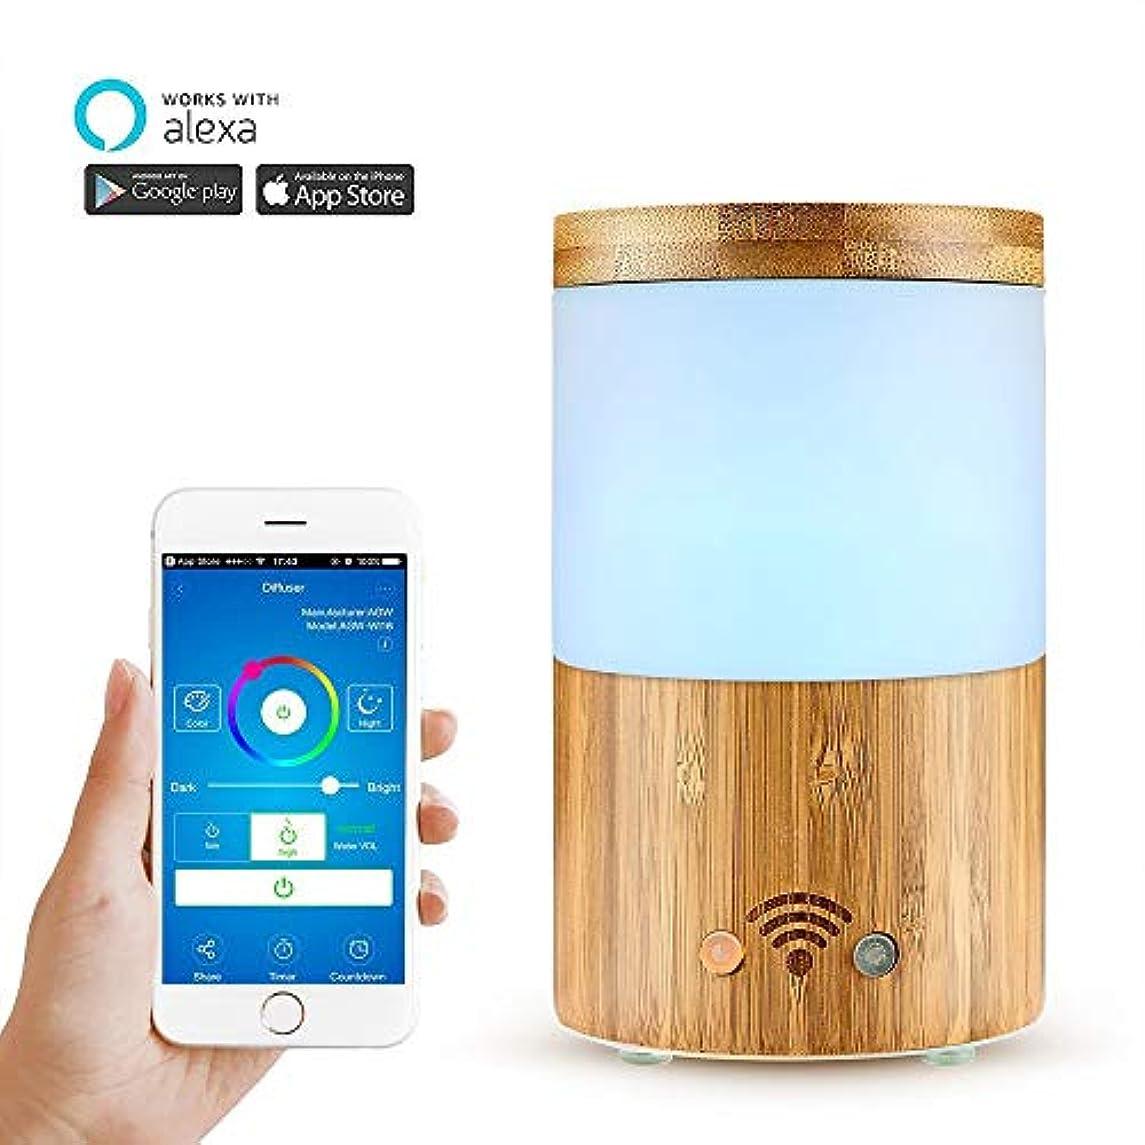 カリキュラム見える乳白Wifiワイヤレスアロマエッセンシャルオイルディフューザー、電話アプリ、音声コントロール-スケジュールの作成-160mlディフューザーと加湿器-LEDとタイマーの設定